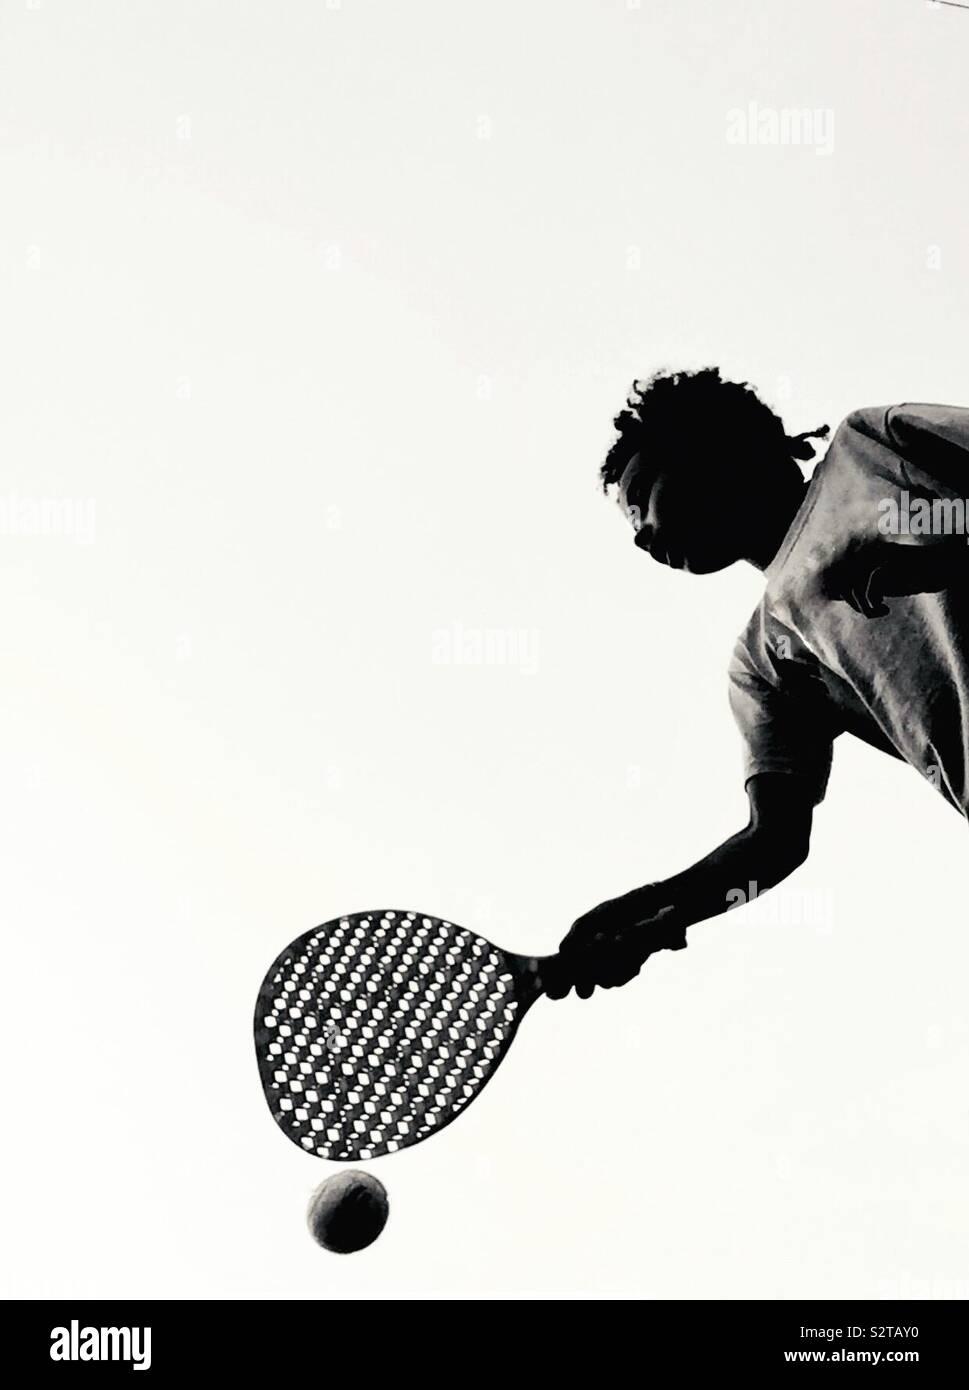 Un niño pagando con un bate y una pelota Foto de stock